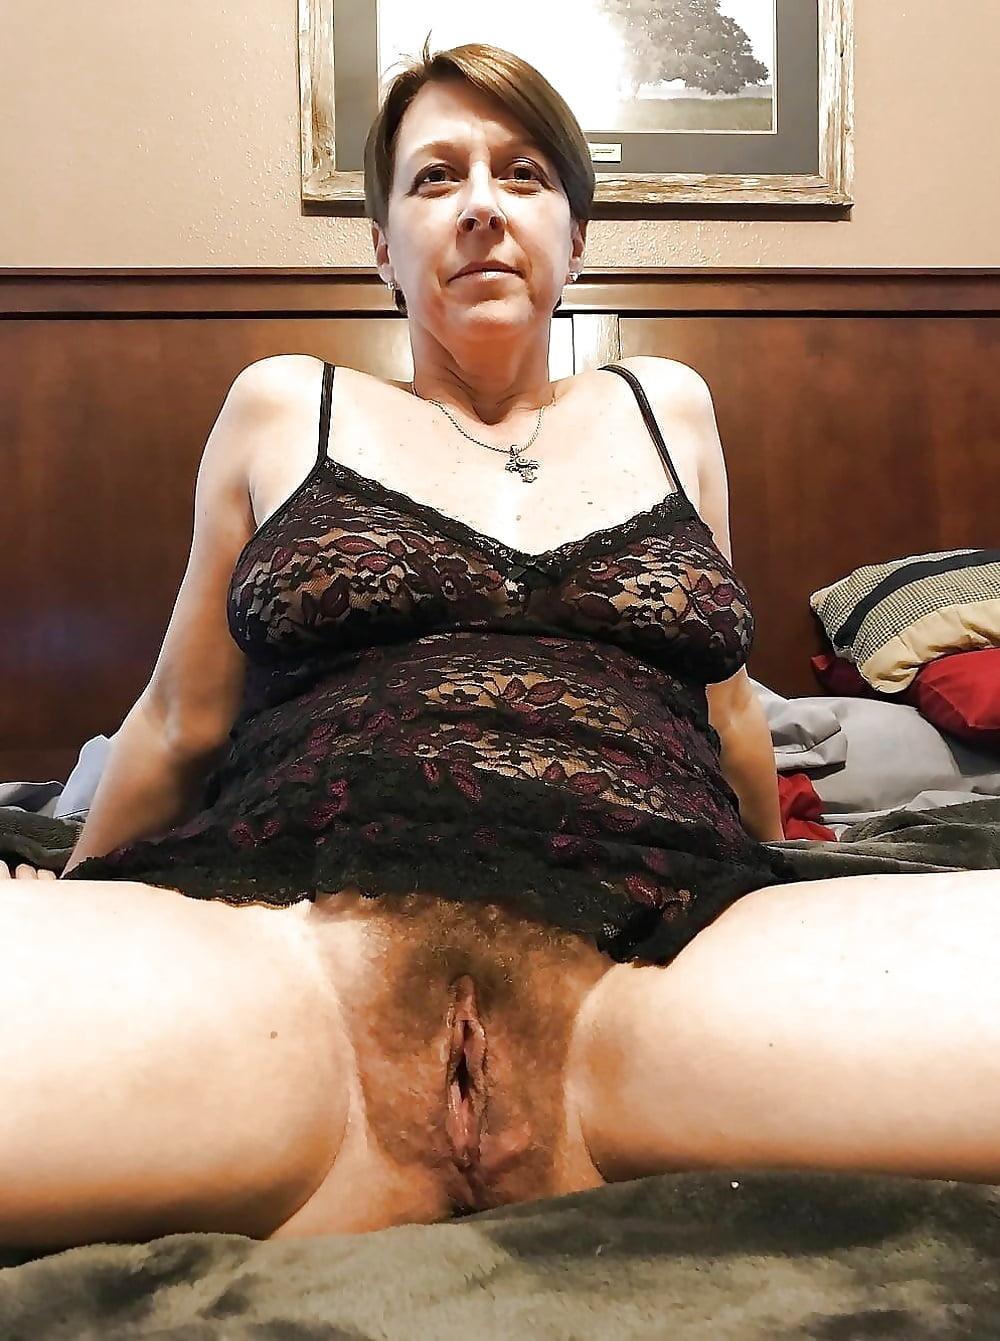 vdvoem-volosatie-starushki-blyadi-foto-spermi